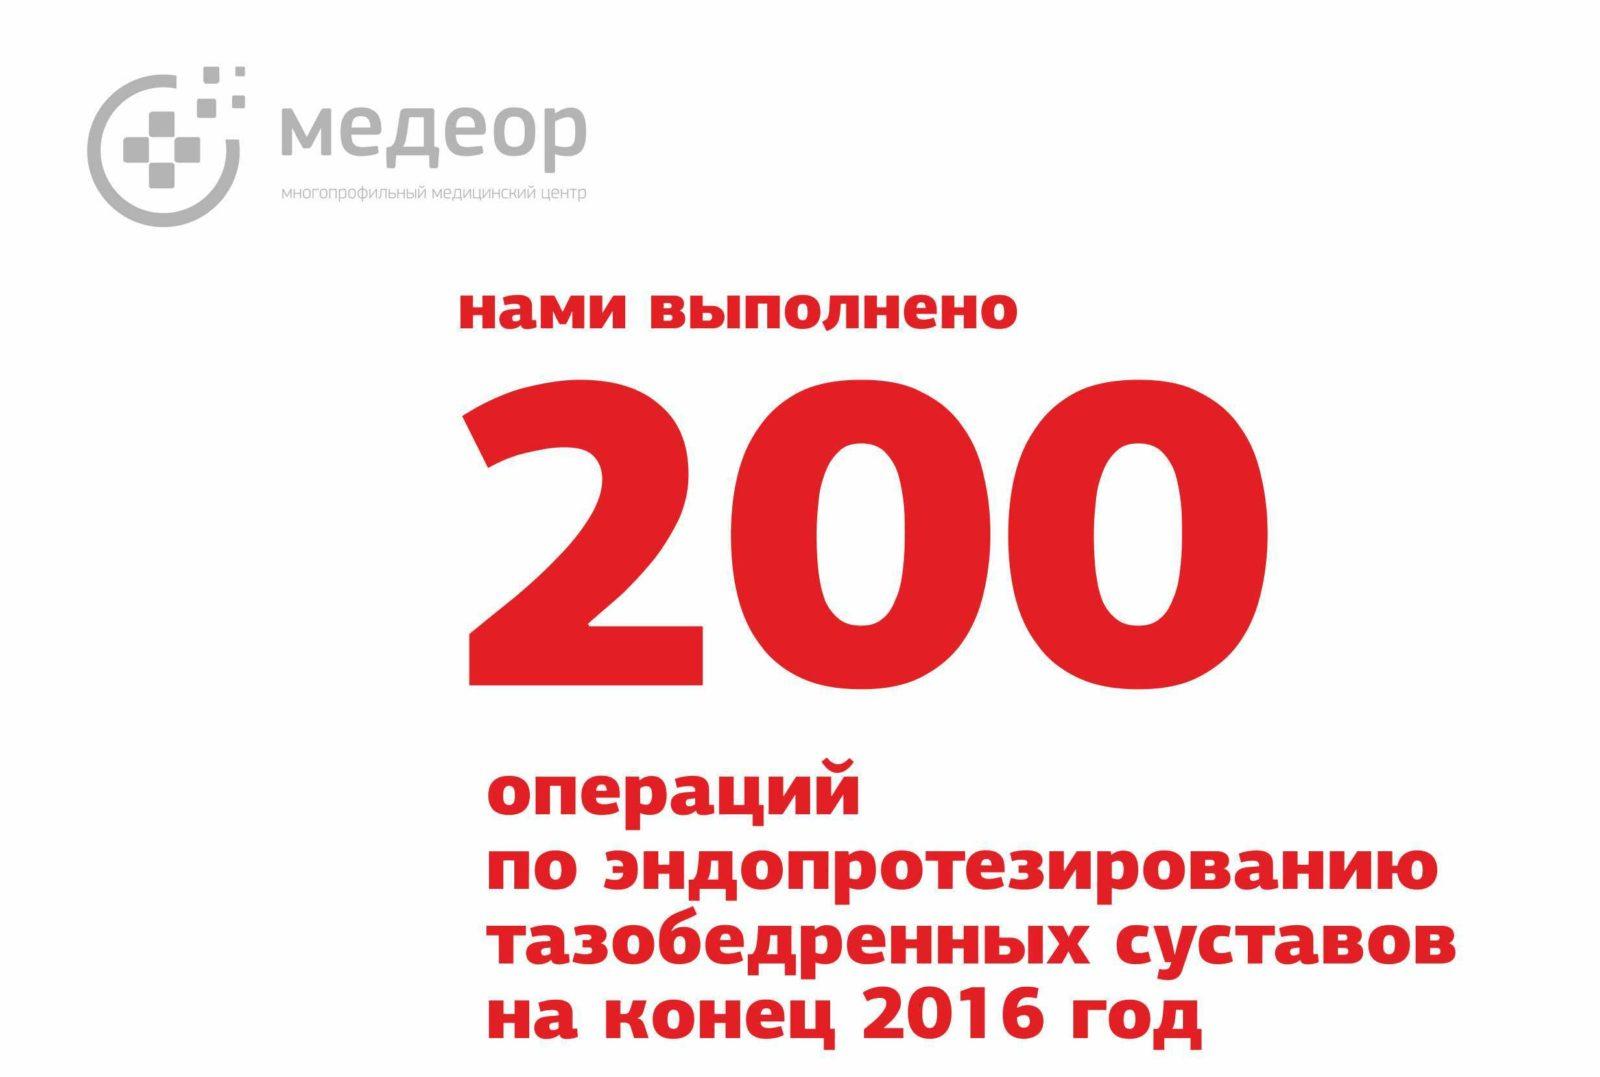 200 эндопротезирований на конец 2016 года!